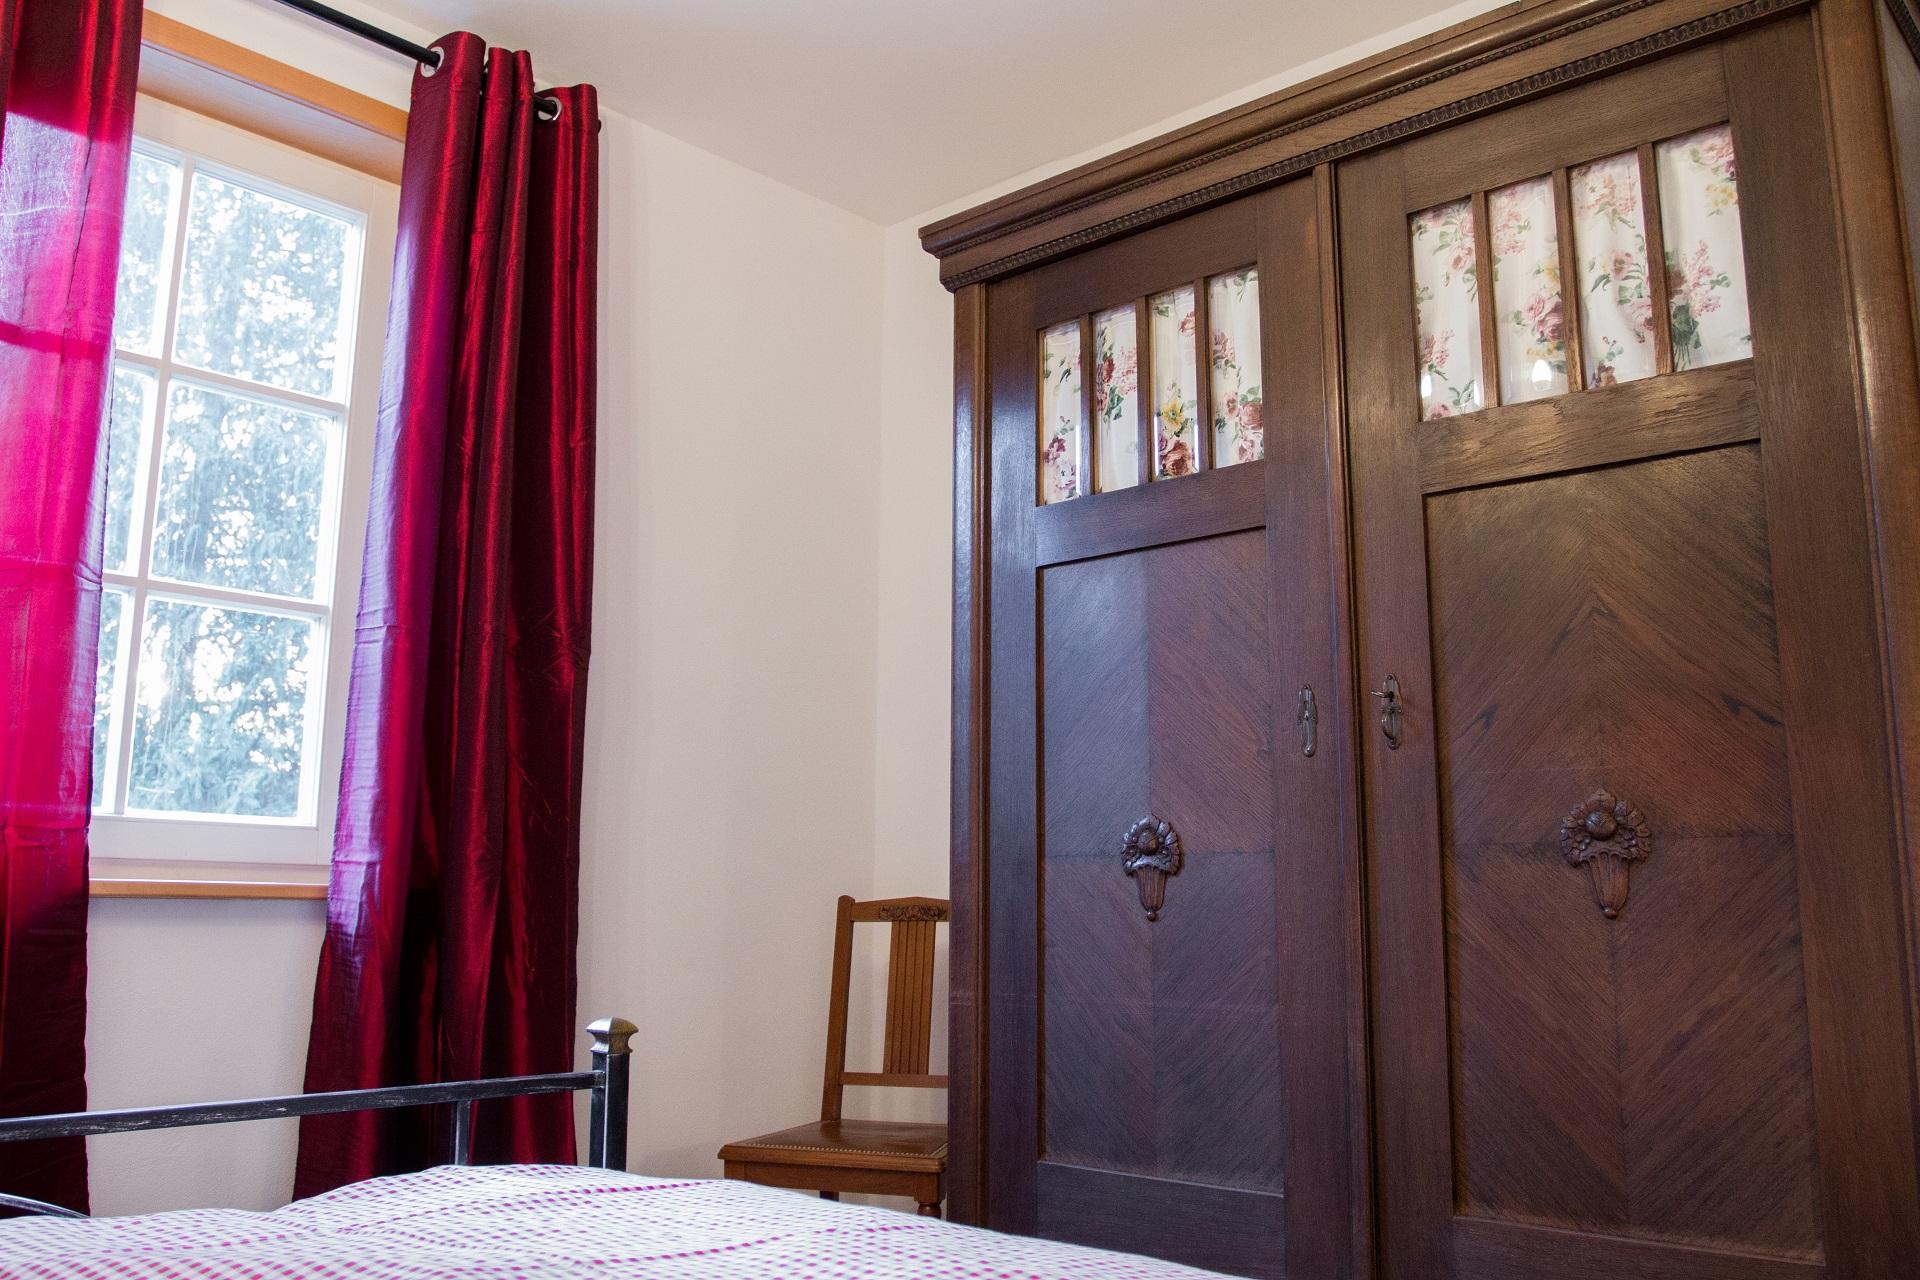 Ferienwohnung Ratssaal - Schlafzimmer